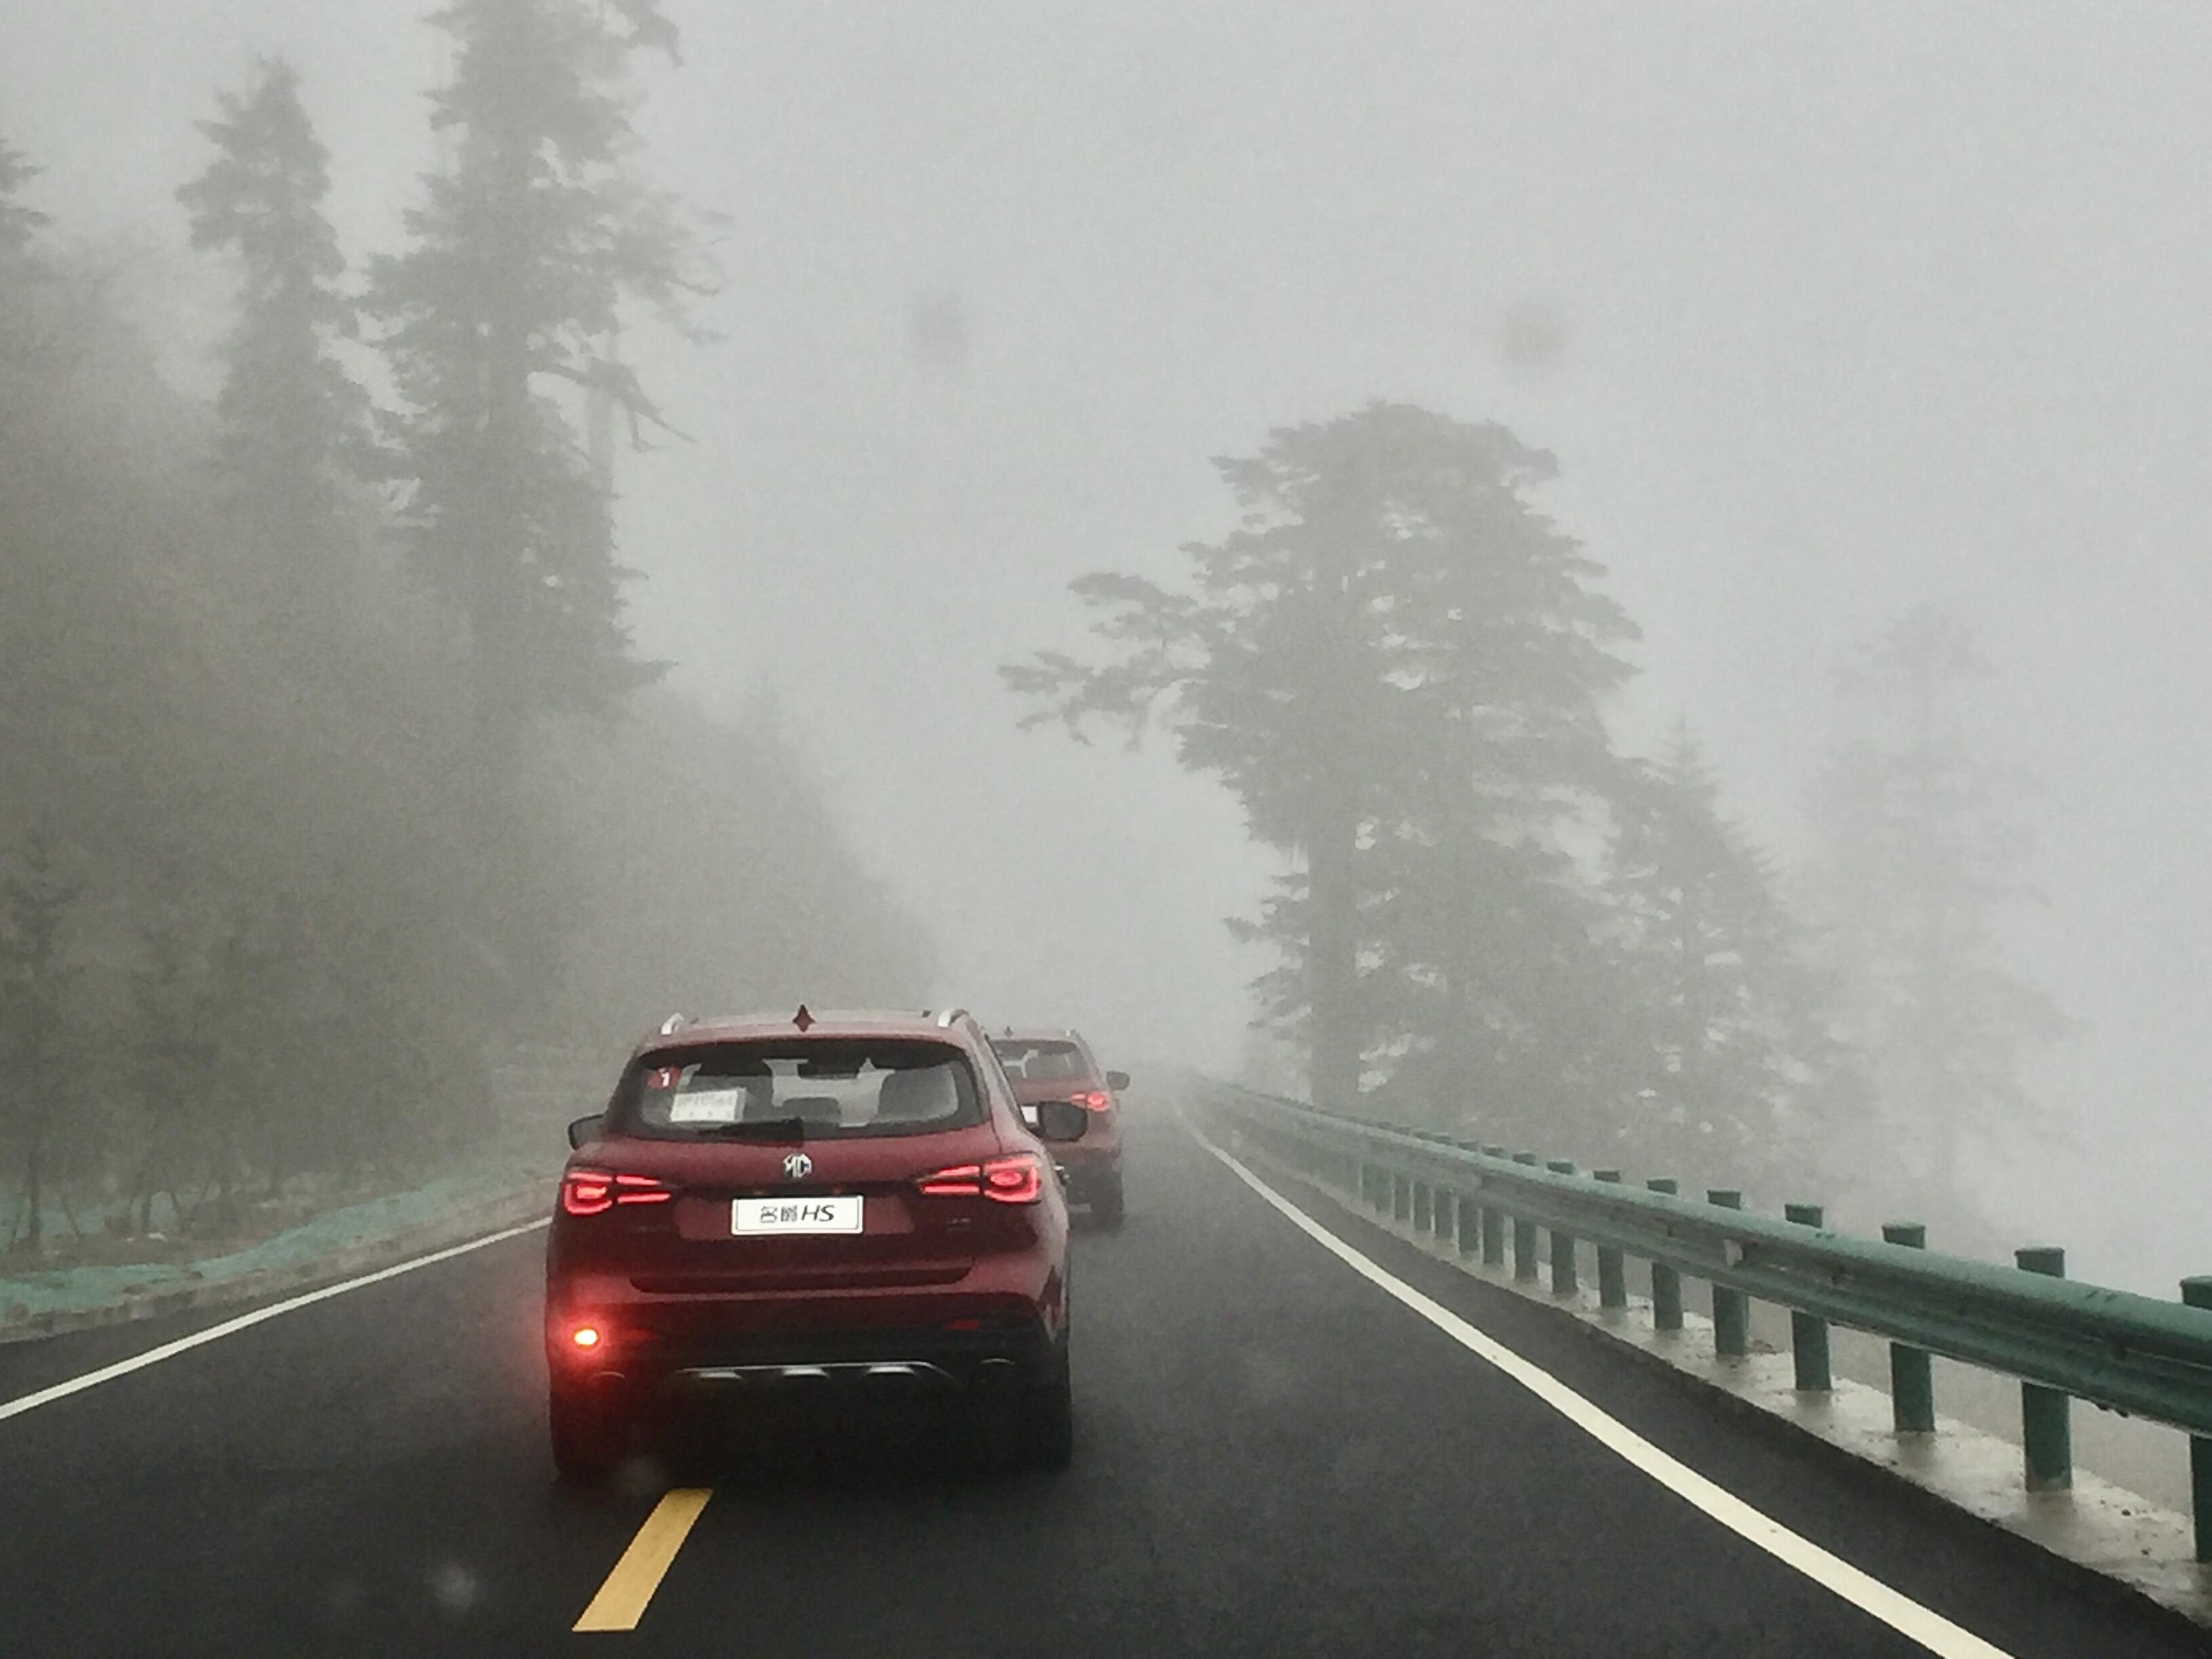 狂飙过雪岭 矫健如神豹—试驾高性能荷尔蒙SUV名爵HS_腾讯分分彩